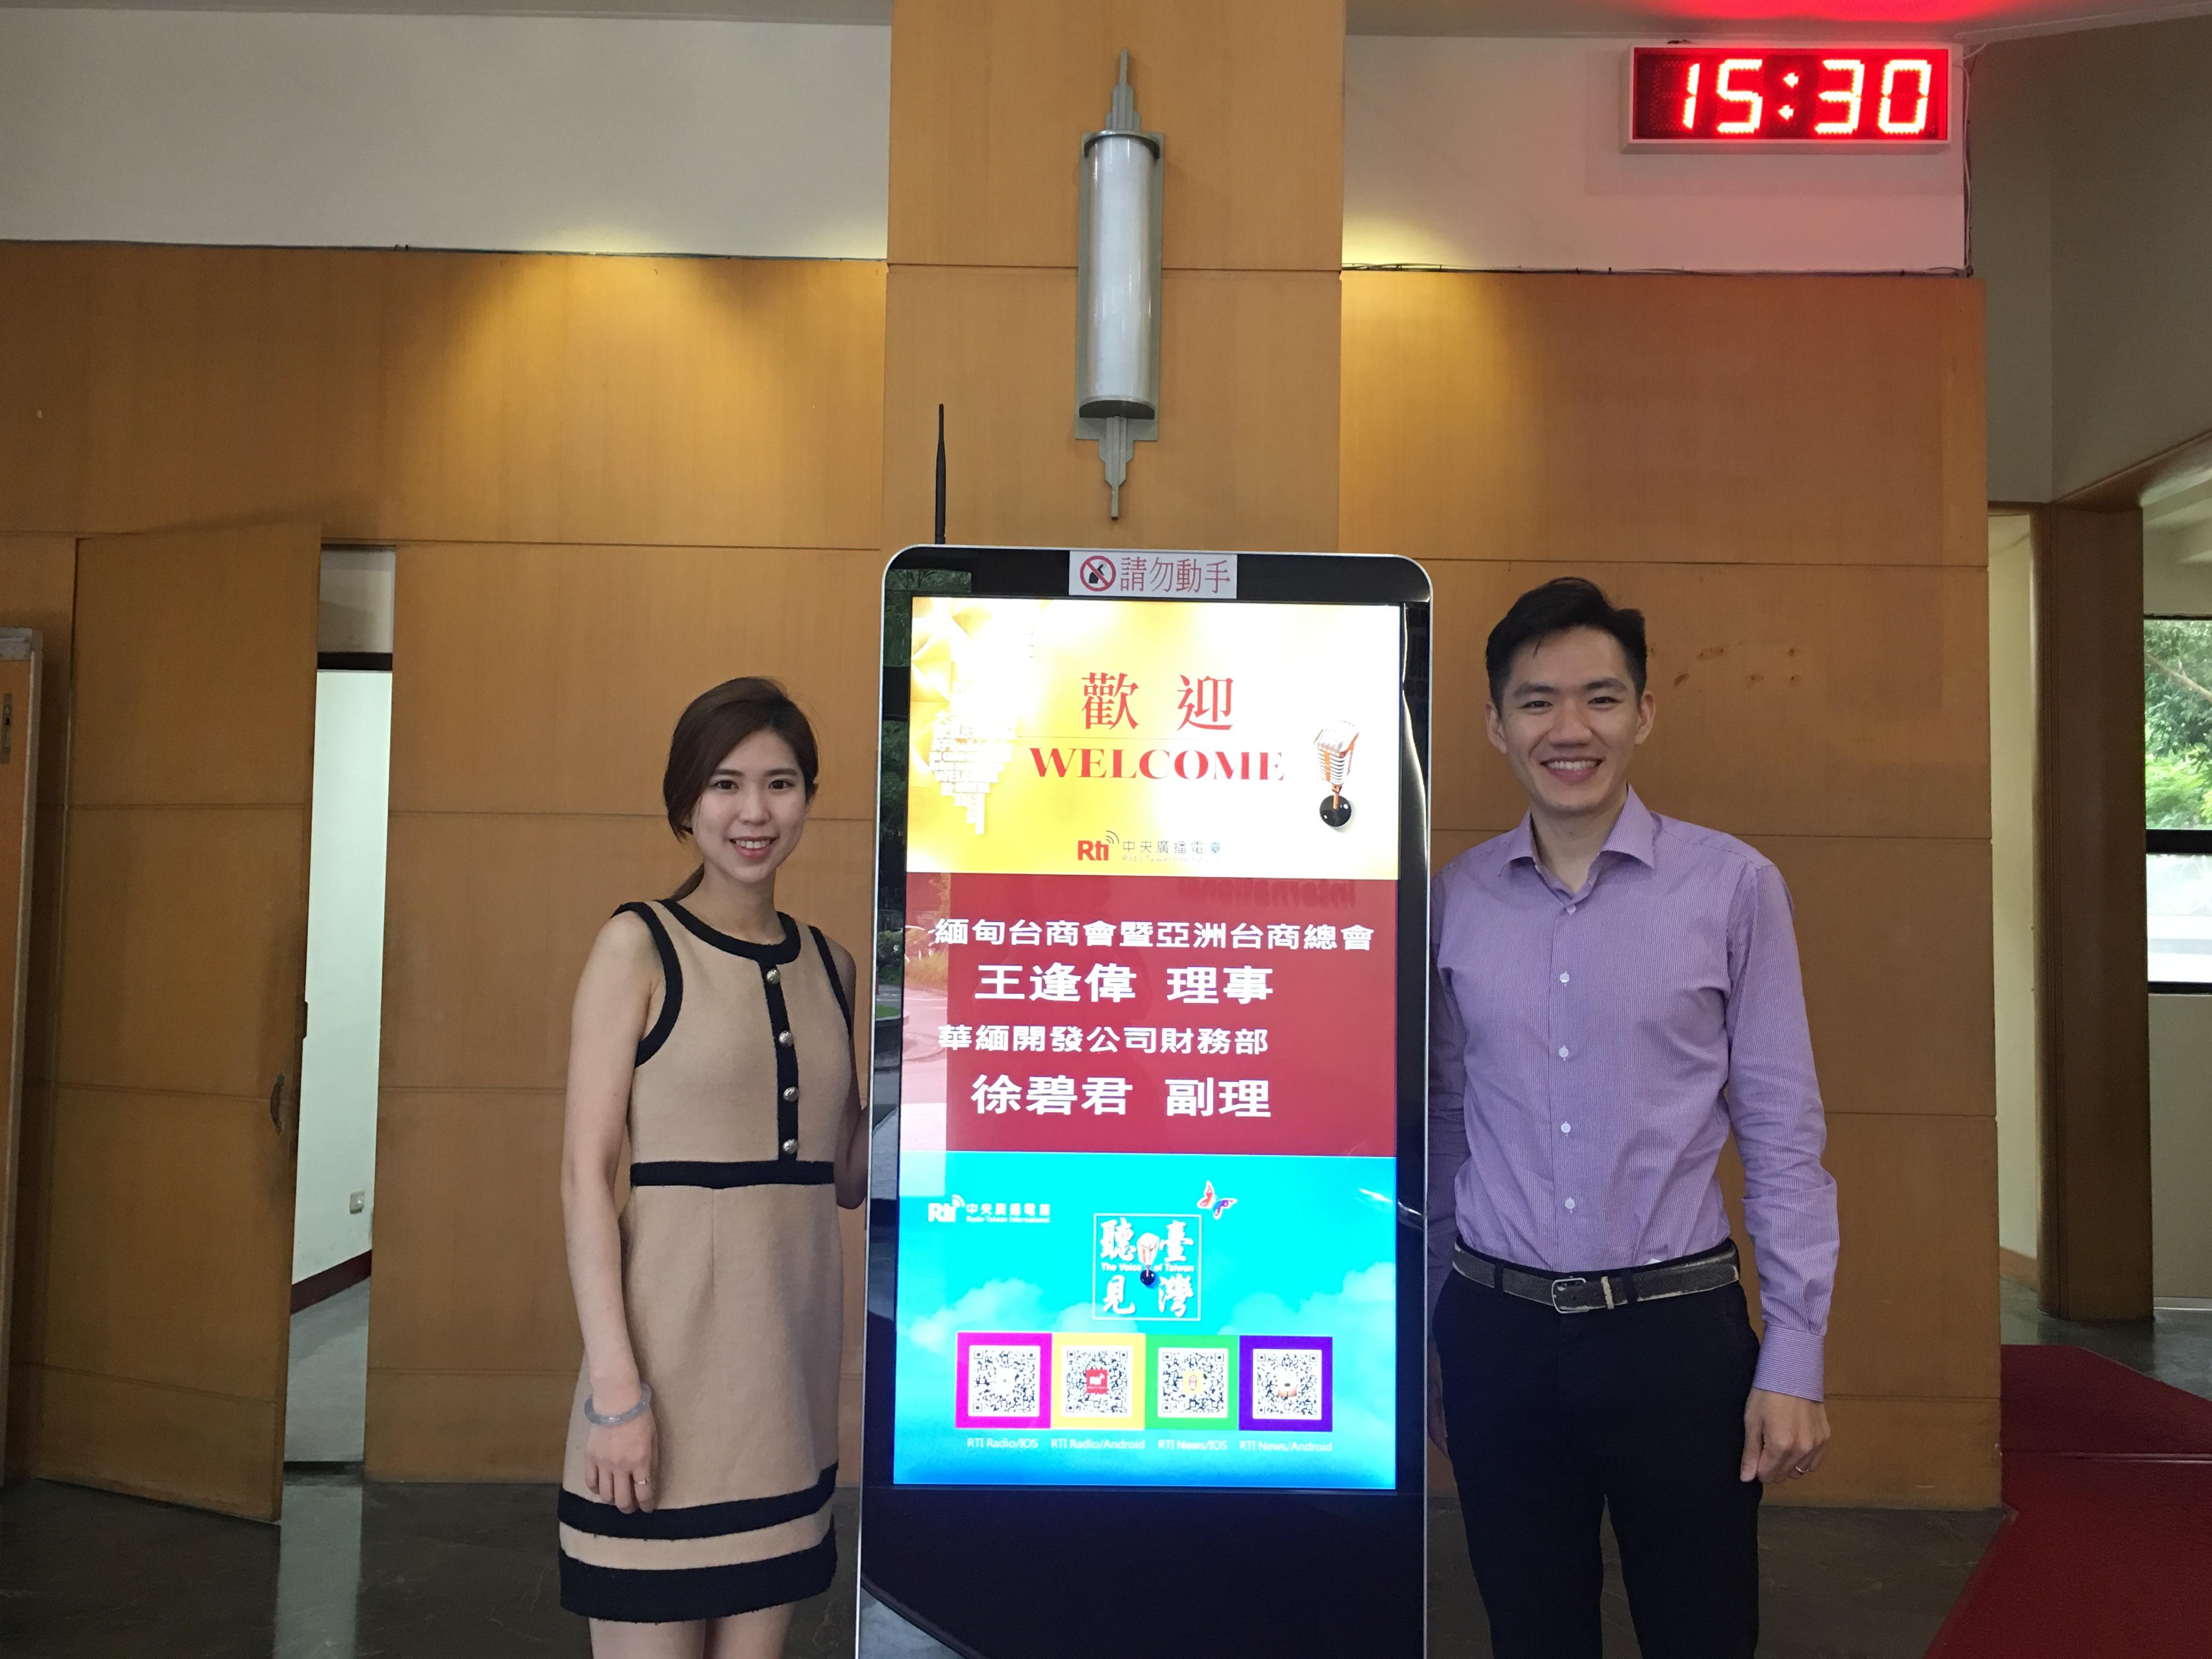 訪王逢偉與徐碧君賢伉儷 --談打造仰光華緬科學園 點石成金 共創未來